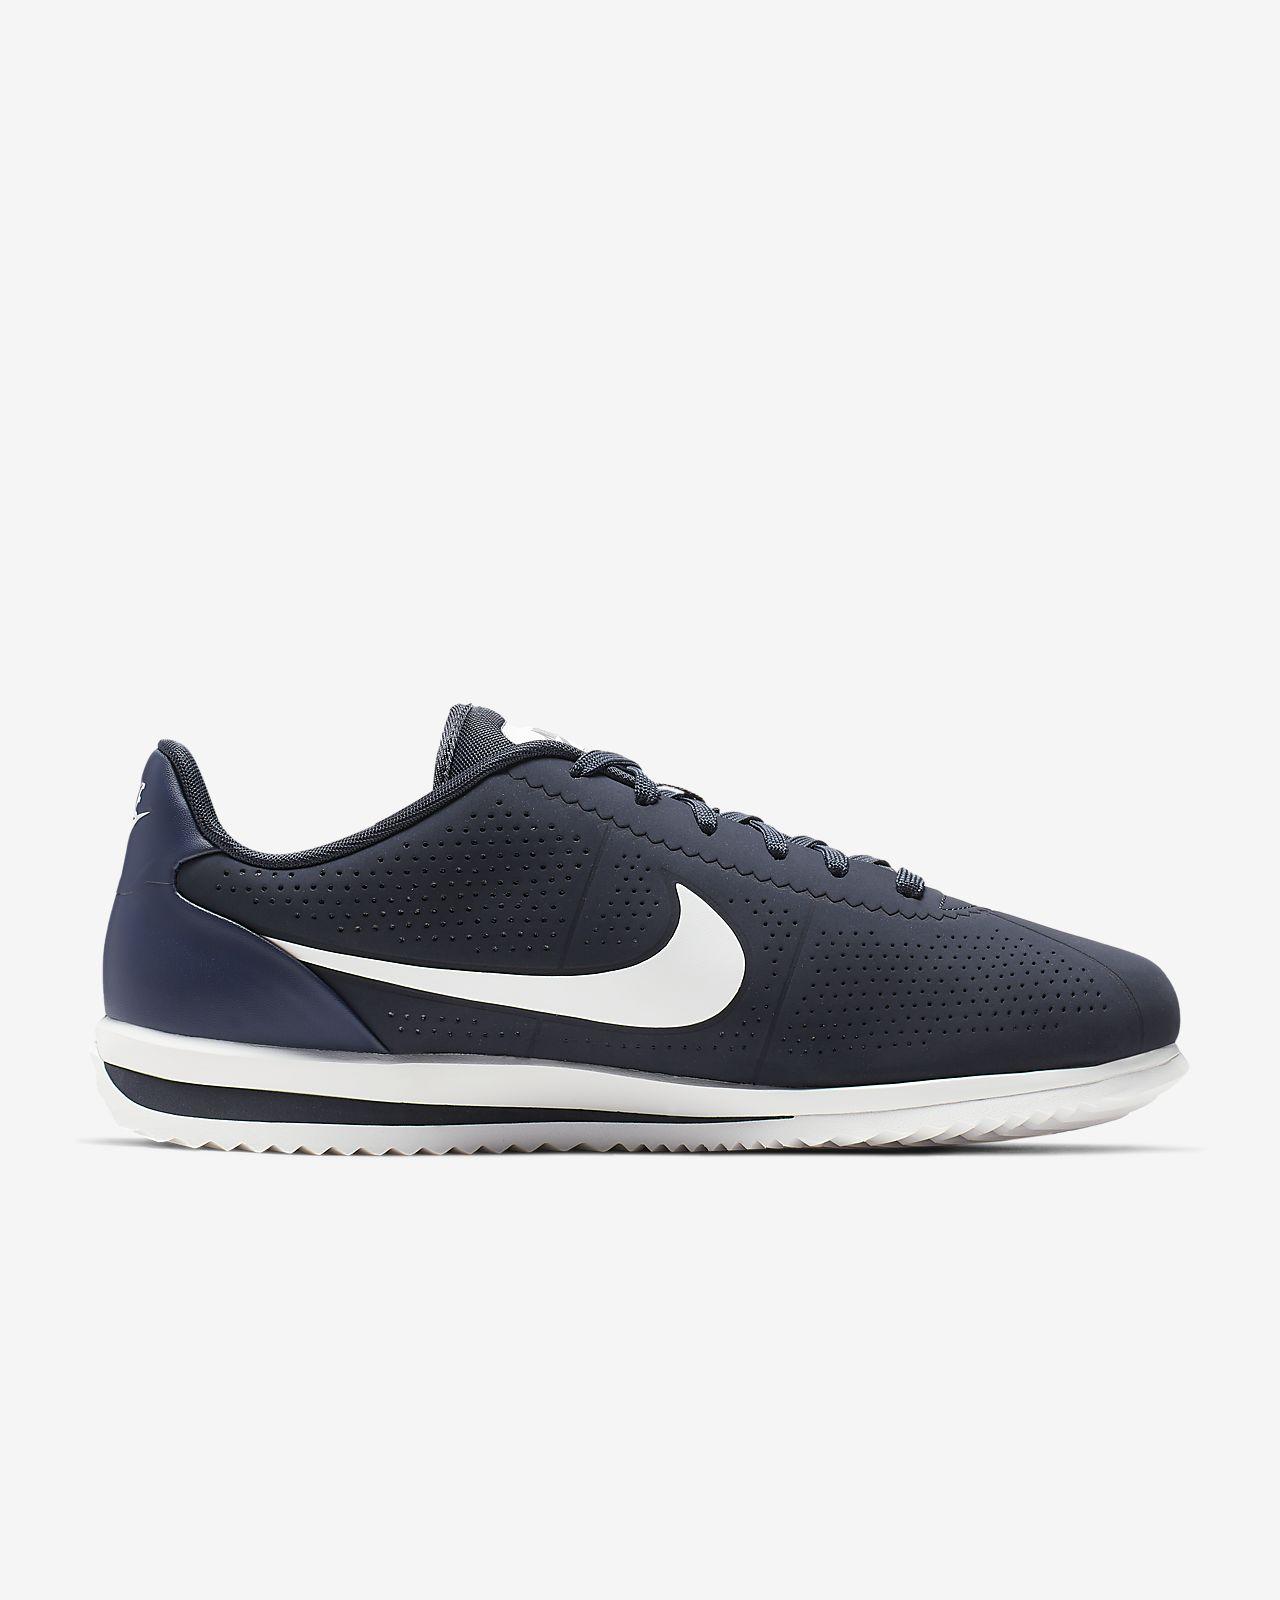 große Auswahl von 2019 online hier am besten einkaufen Nike Cortez Ultra Moire Herrenschuh